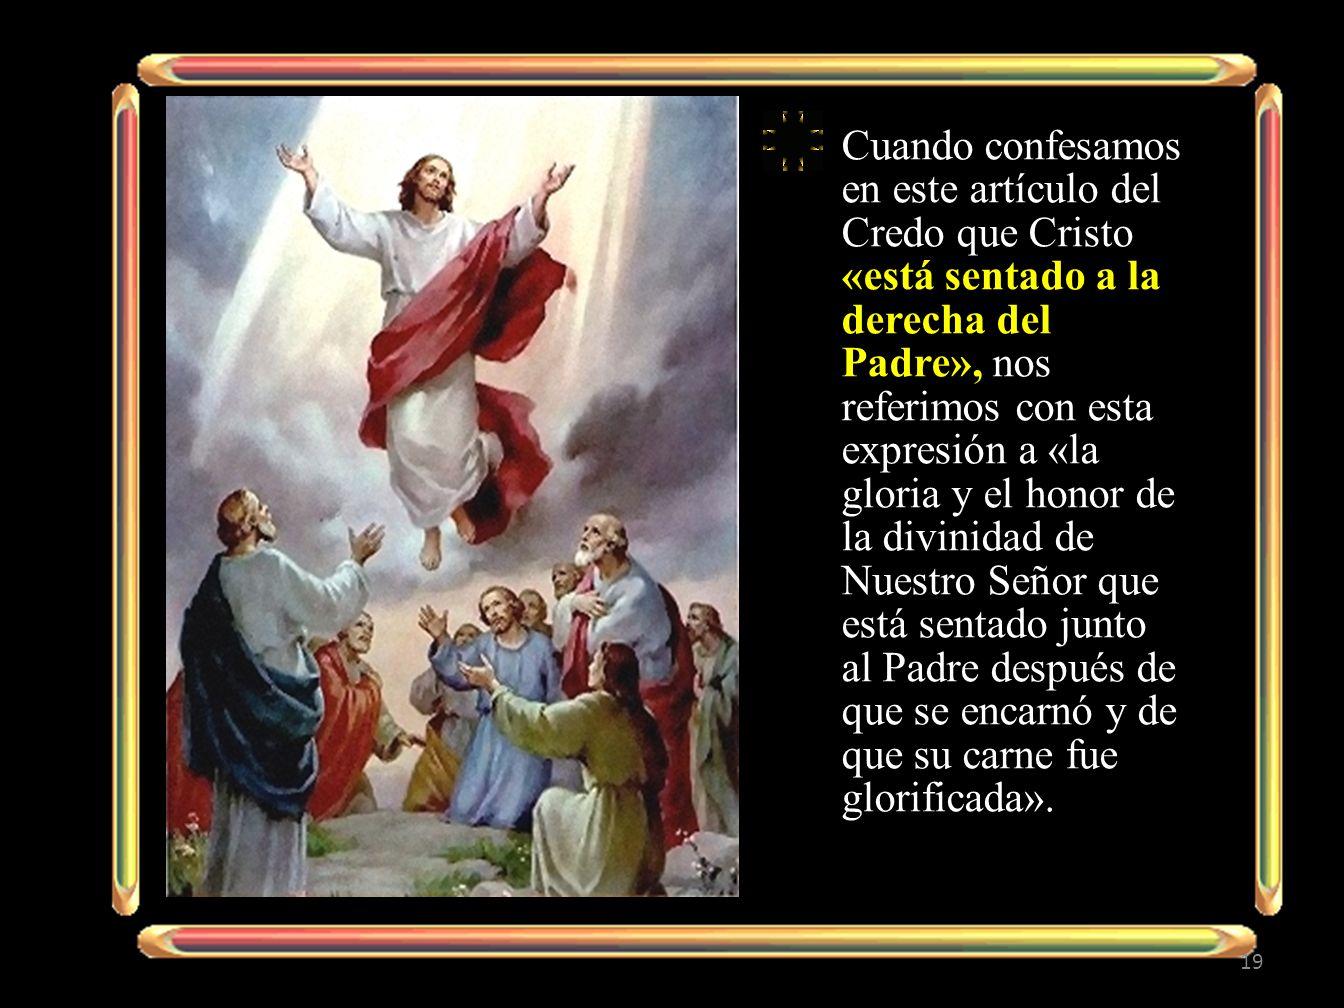 Cuando confesamos en este artículo del Credo que Cristo «está sentado a la derecha del Padre», nos referimos con esta expresión a «la gloria y el hono